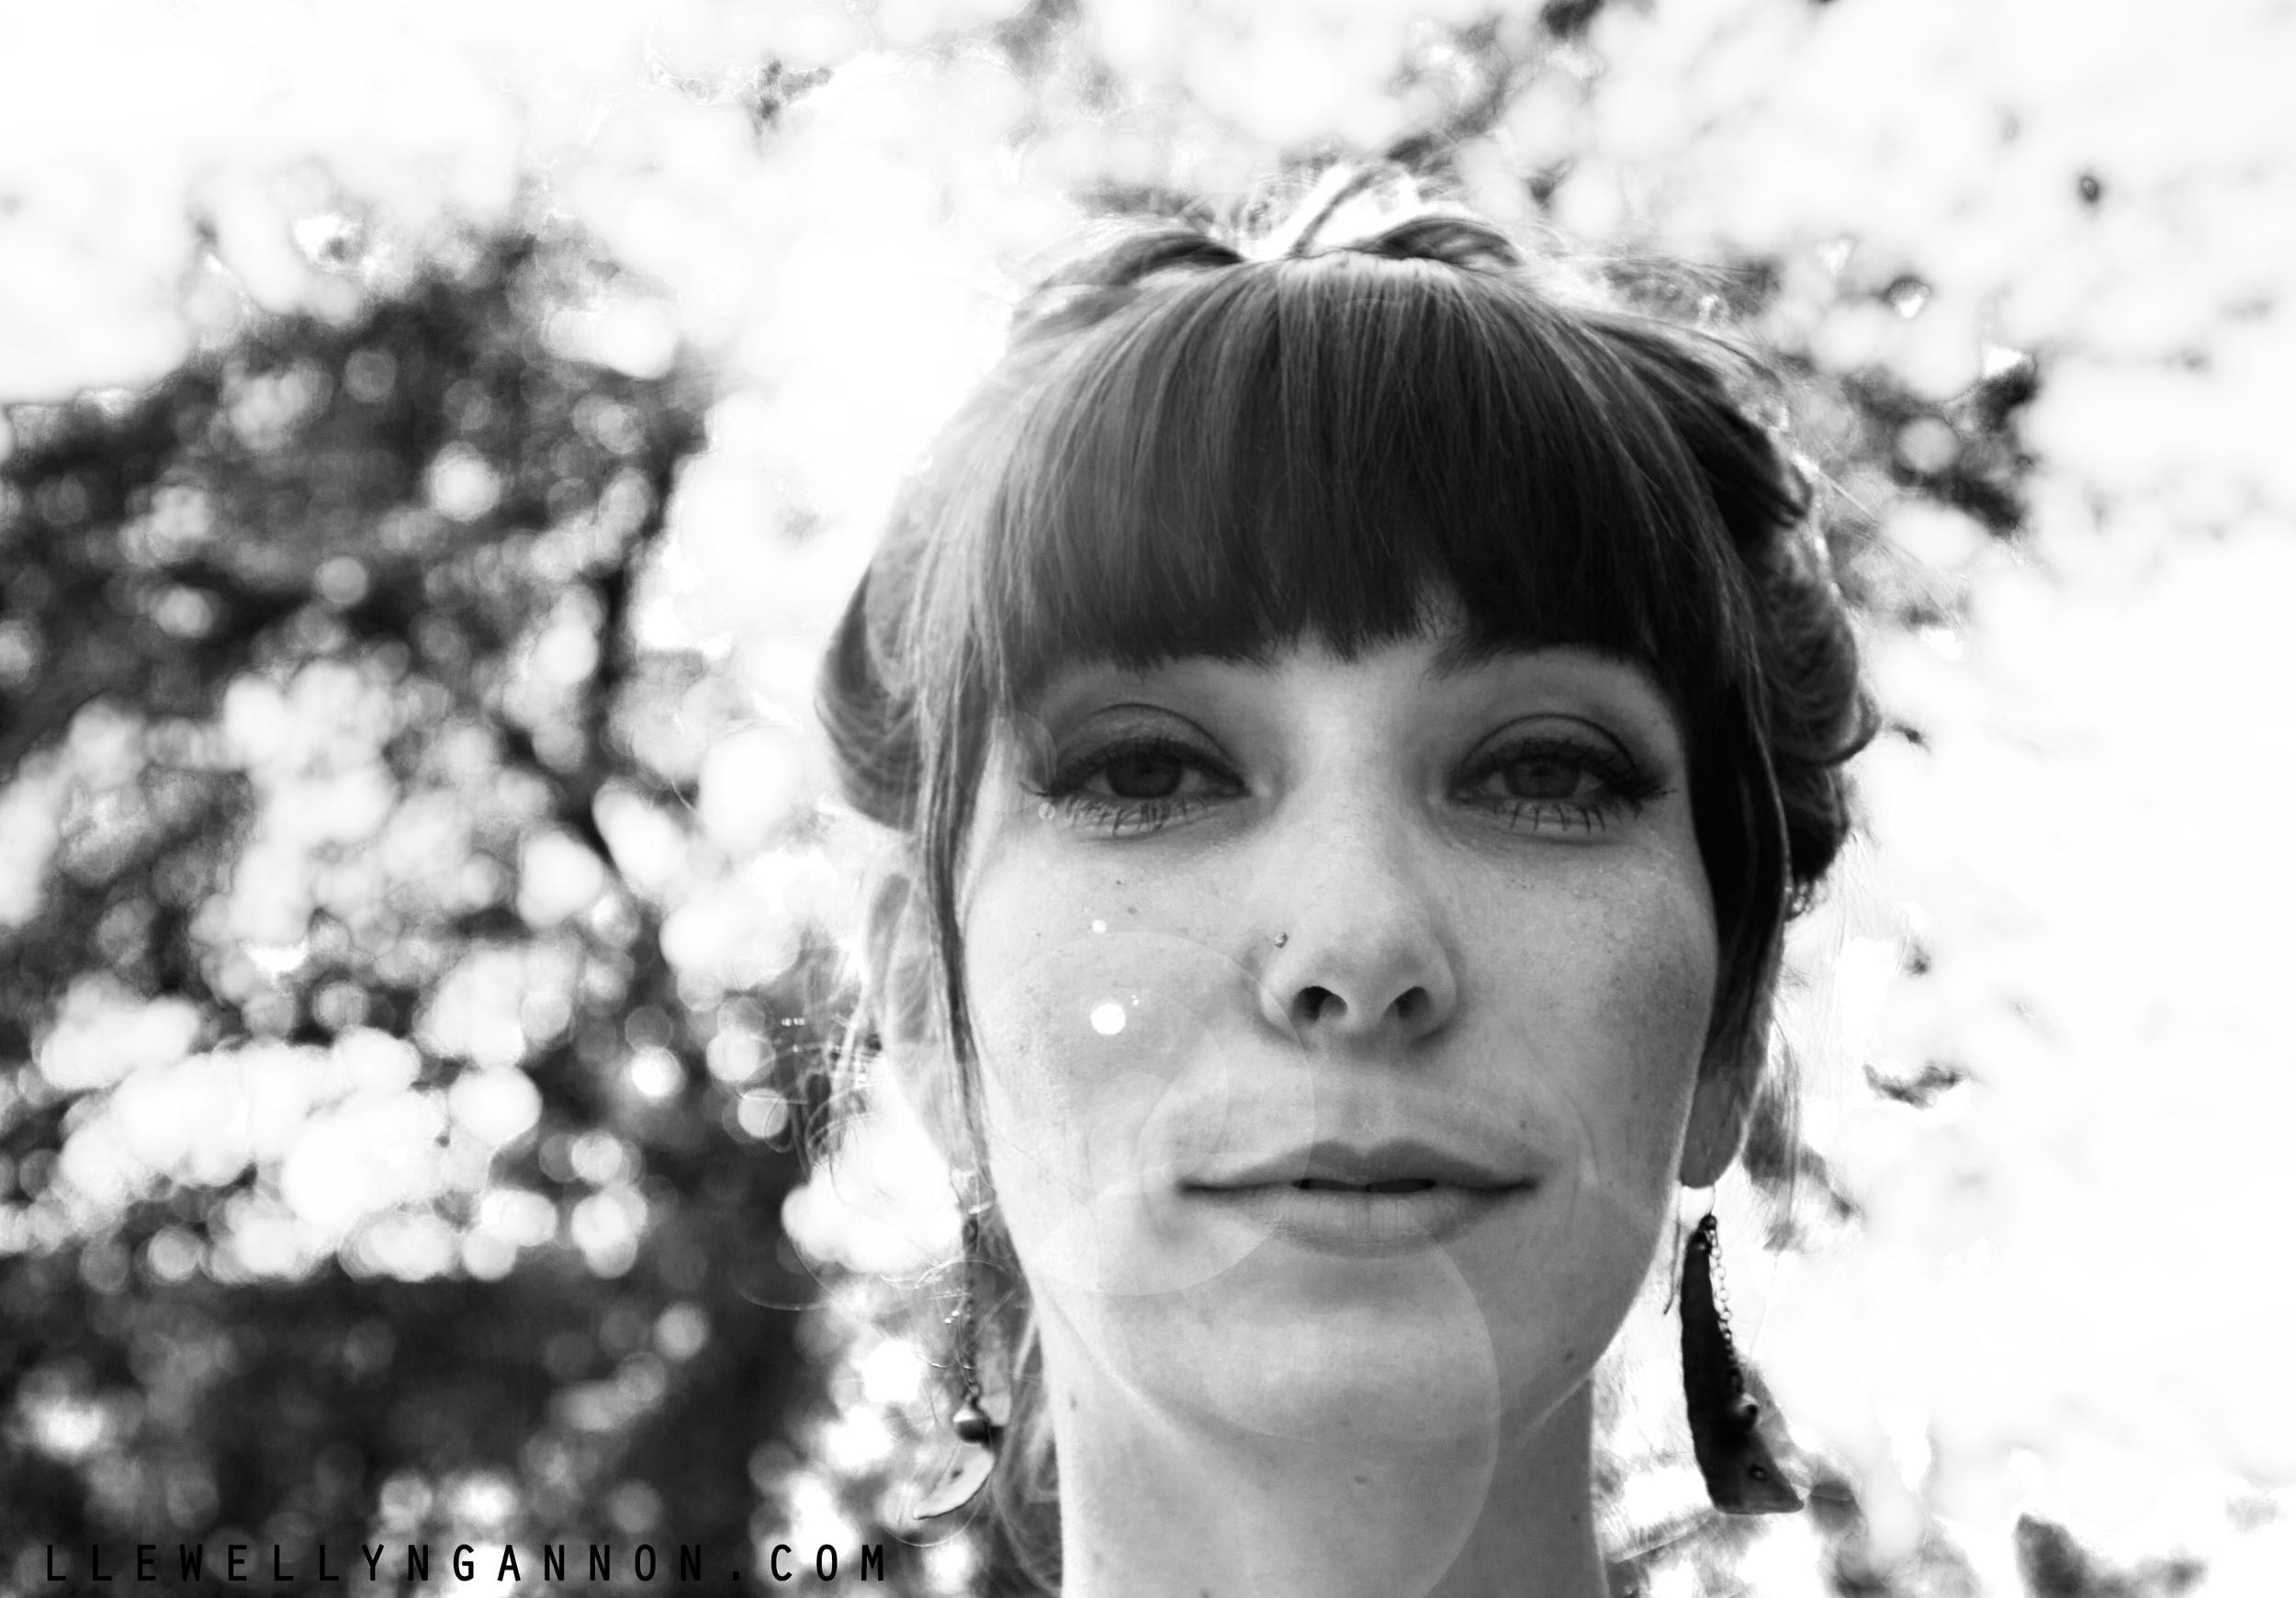 Photo by Llewellyn Gannon